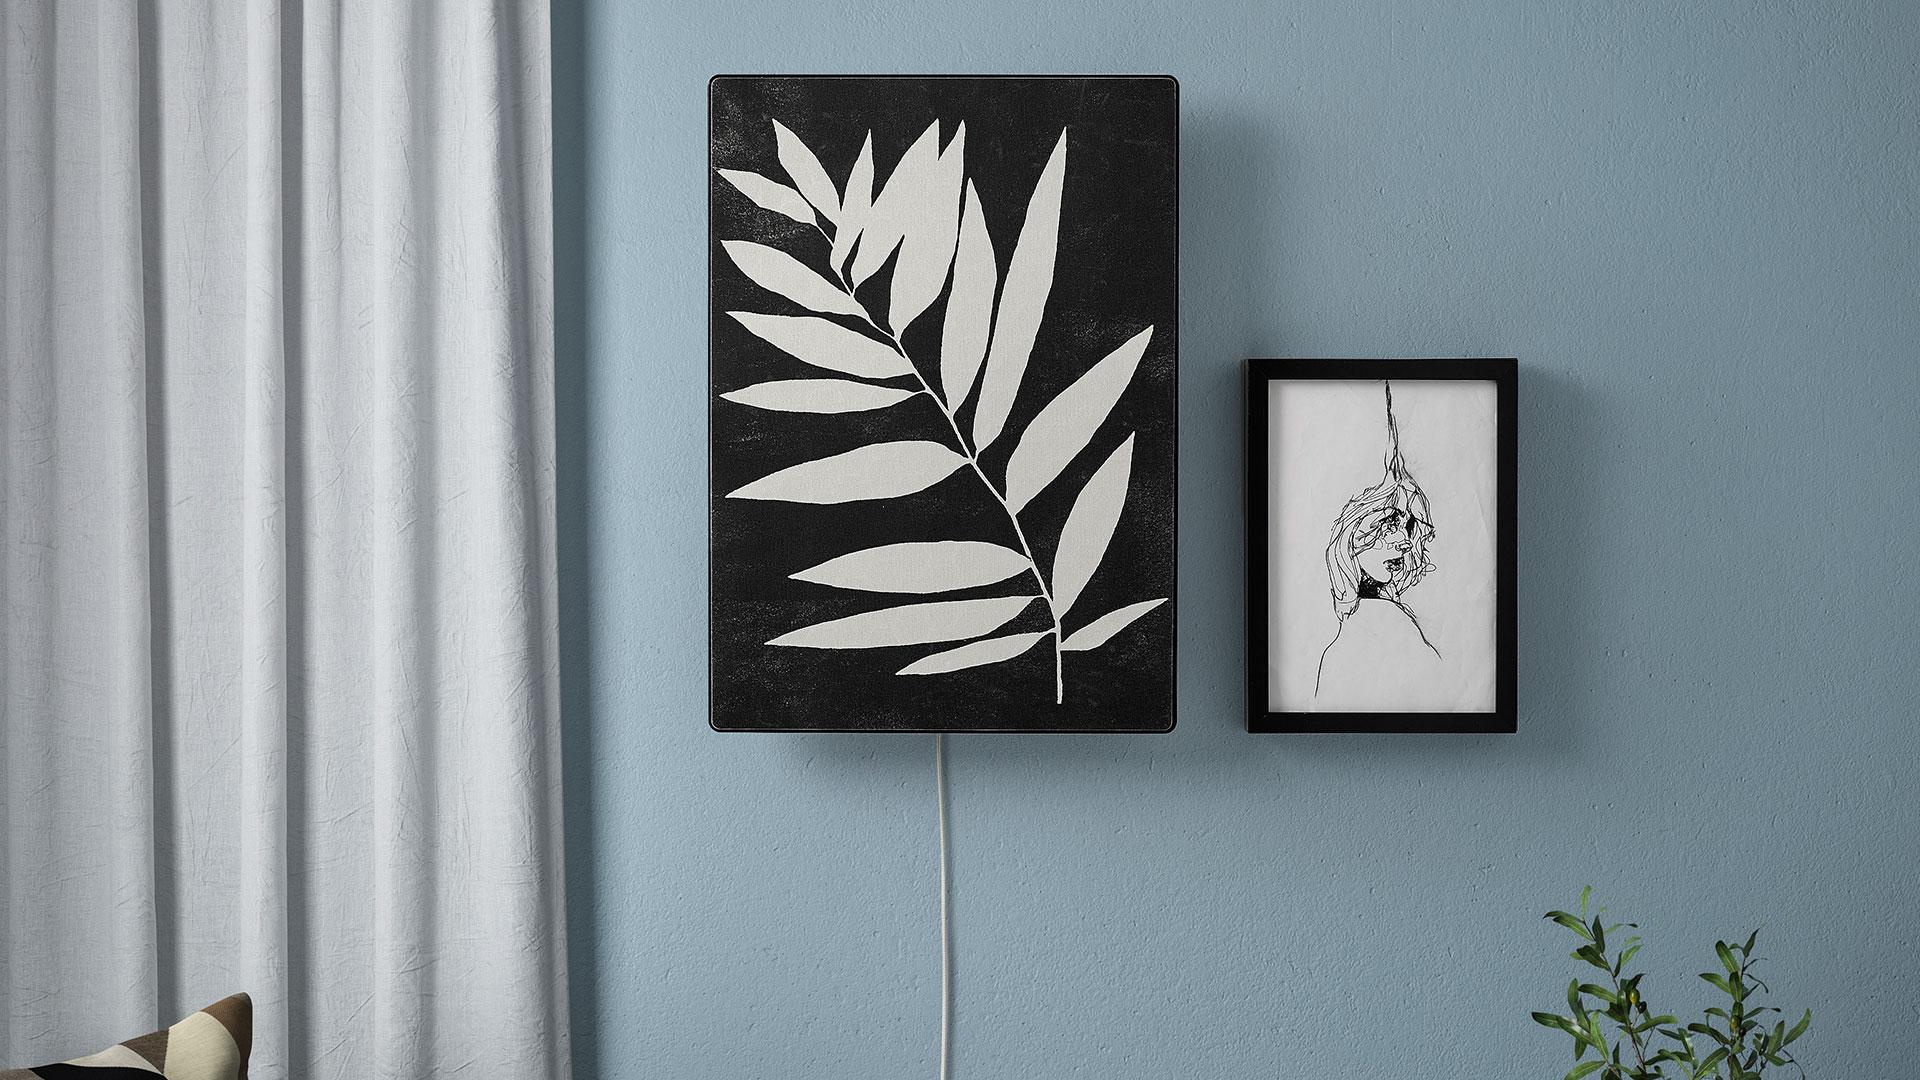 Ikea Symfonisk schilderijlijst